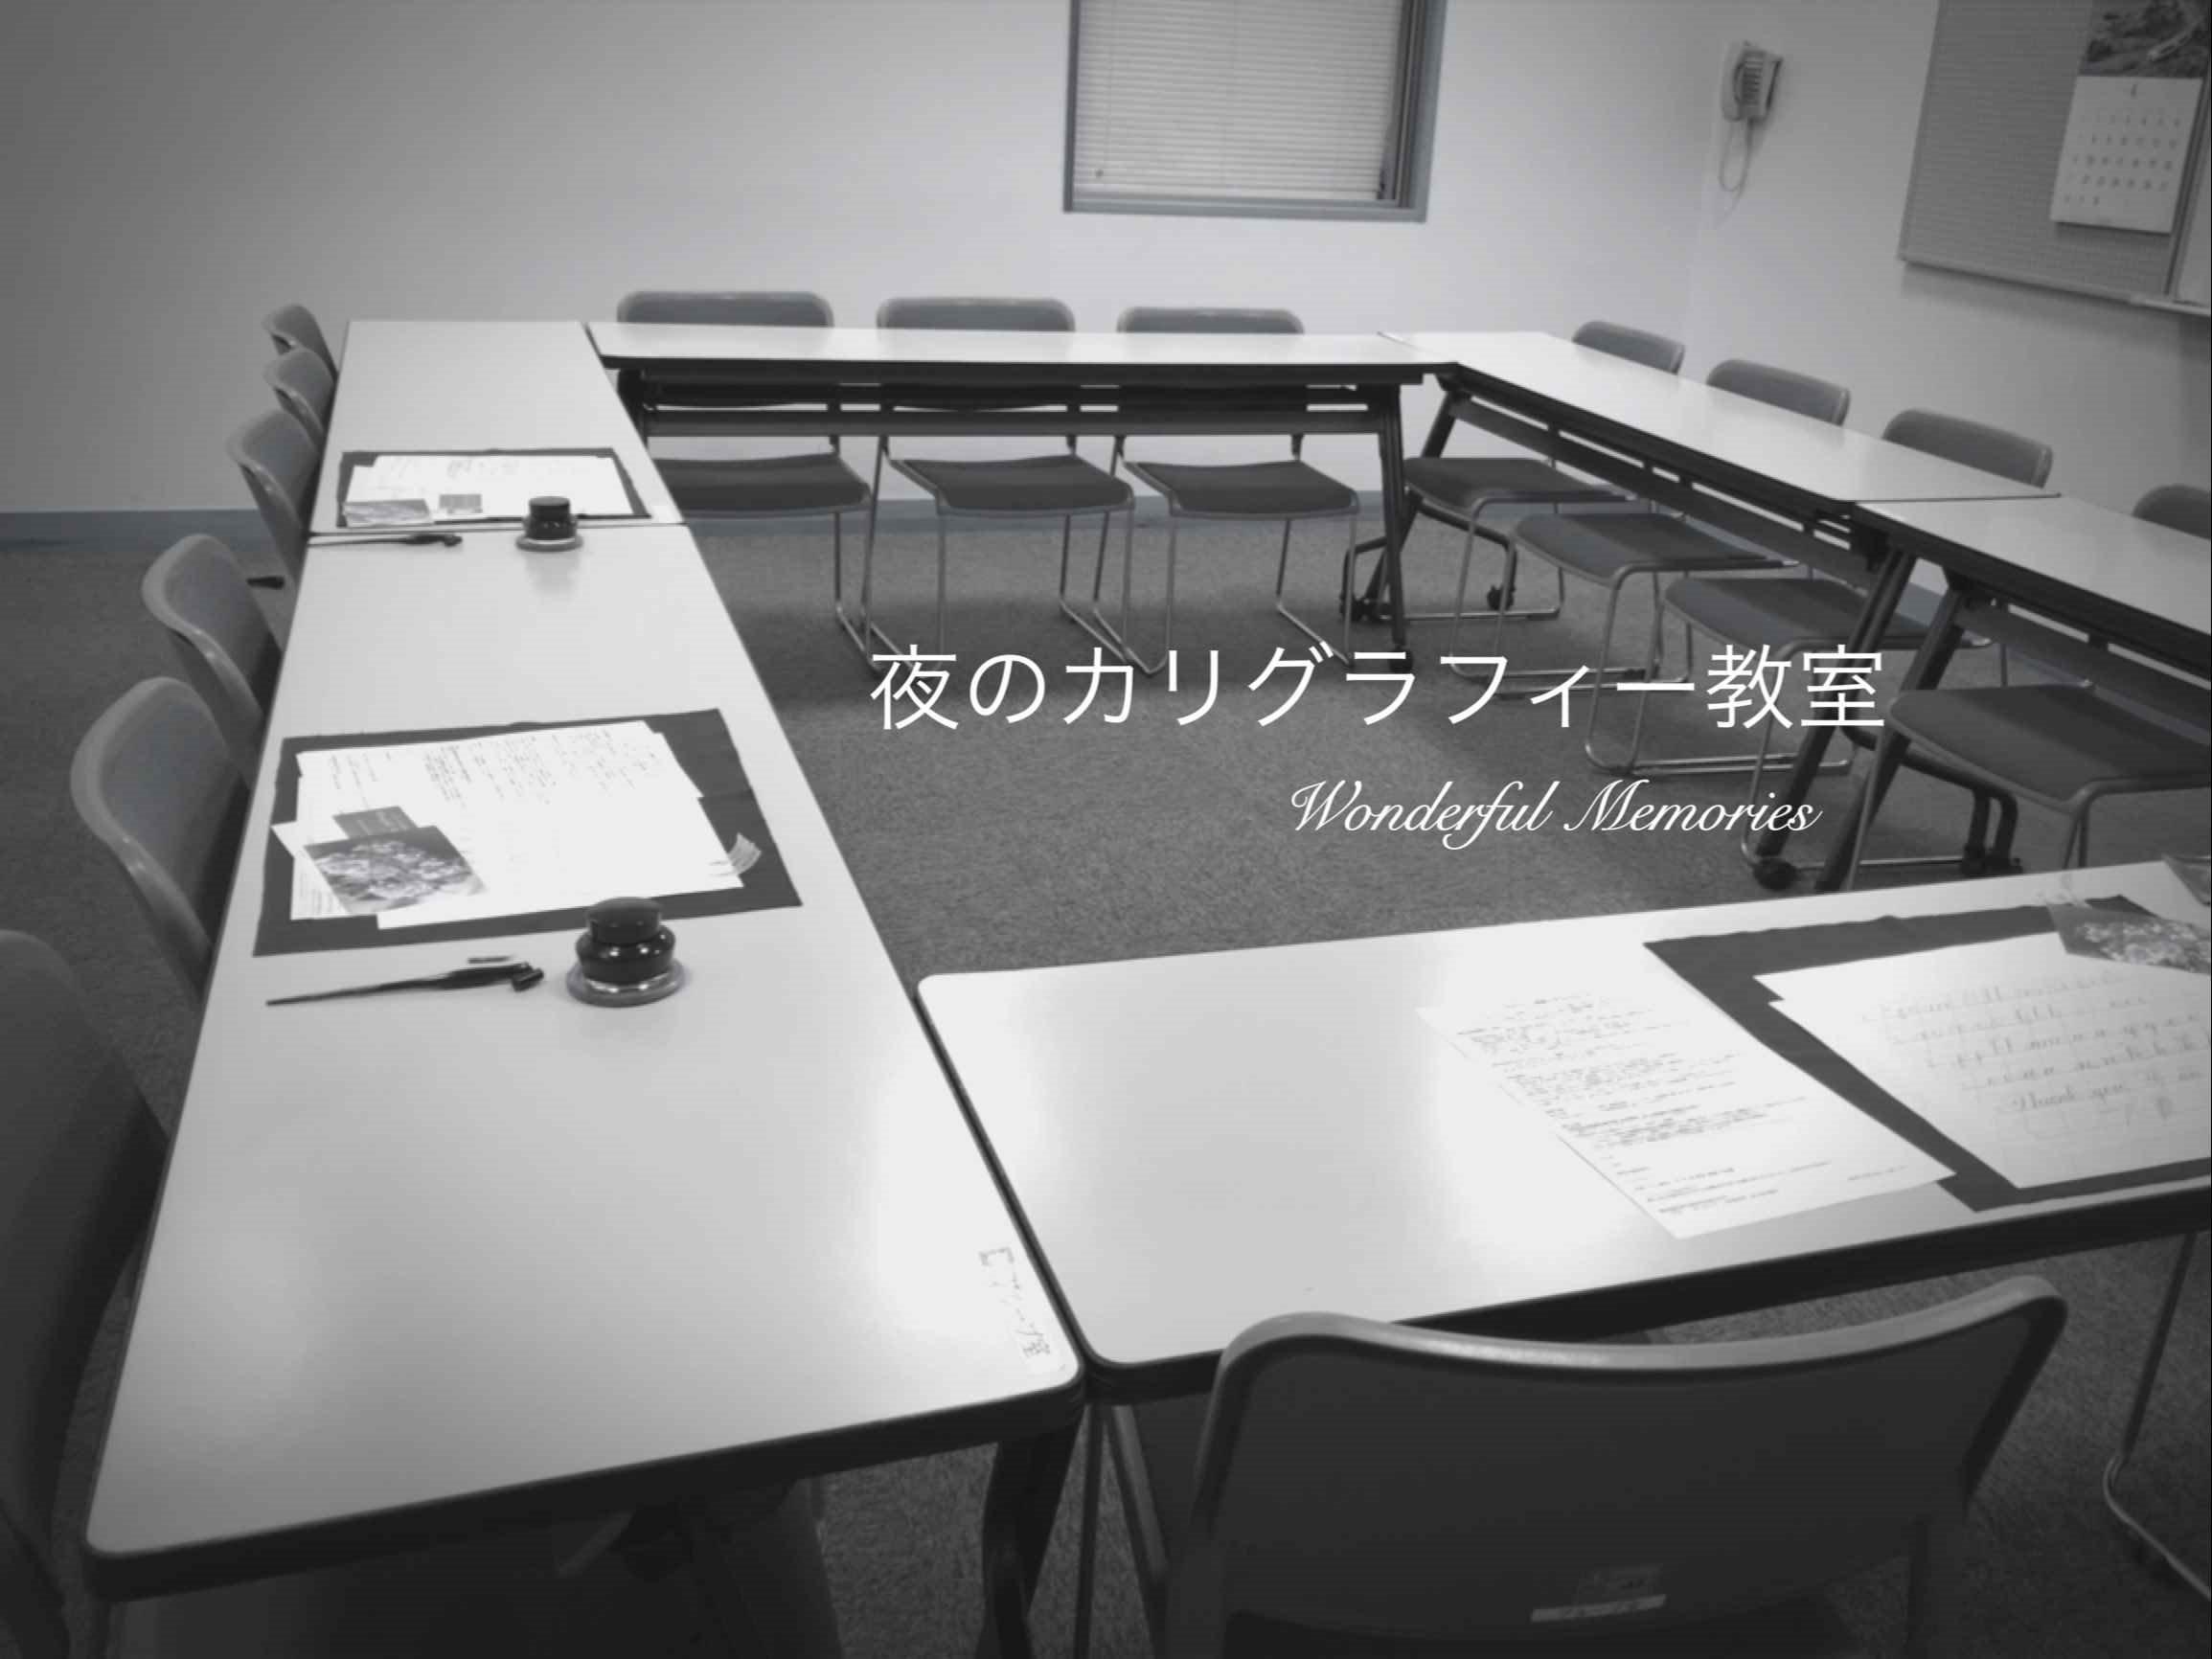 カリグラフィー教室ワンダフルメモリーズ 夜のクラス